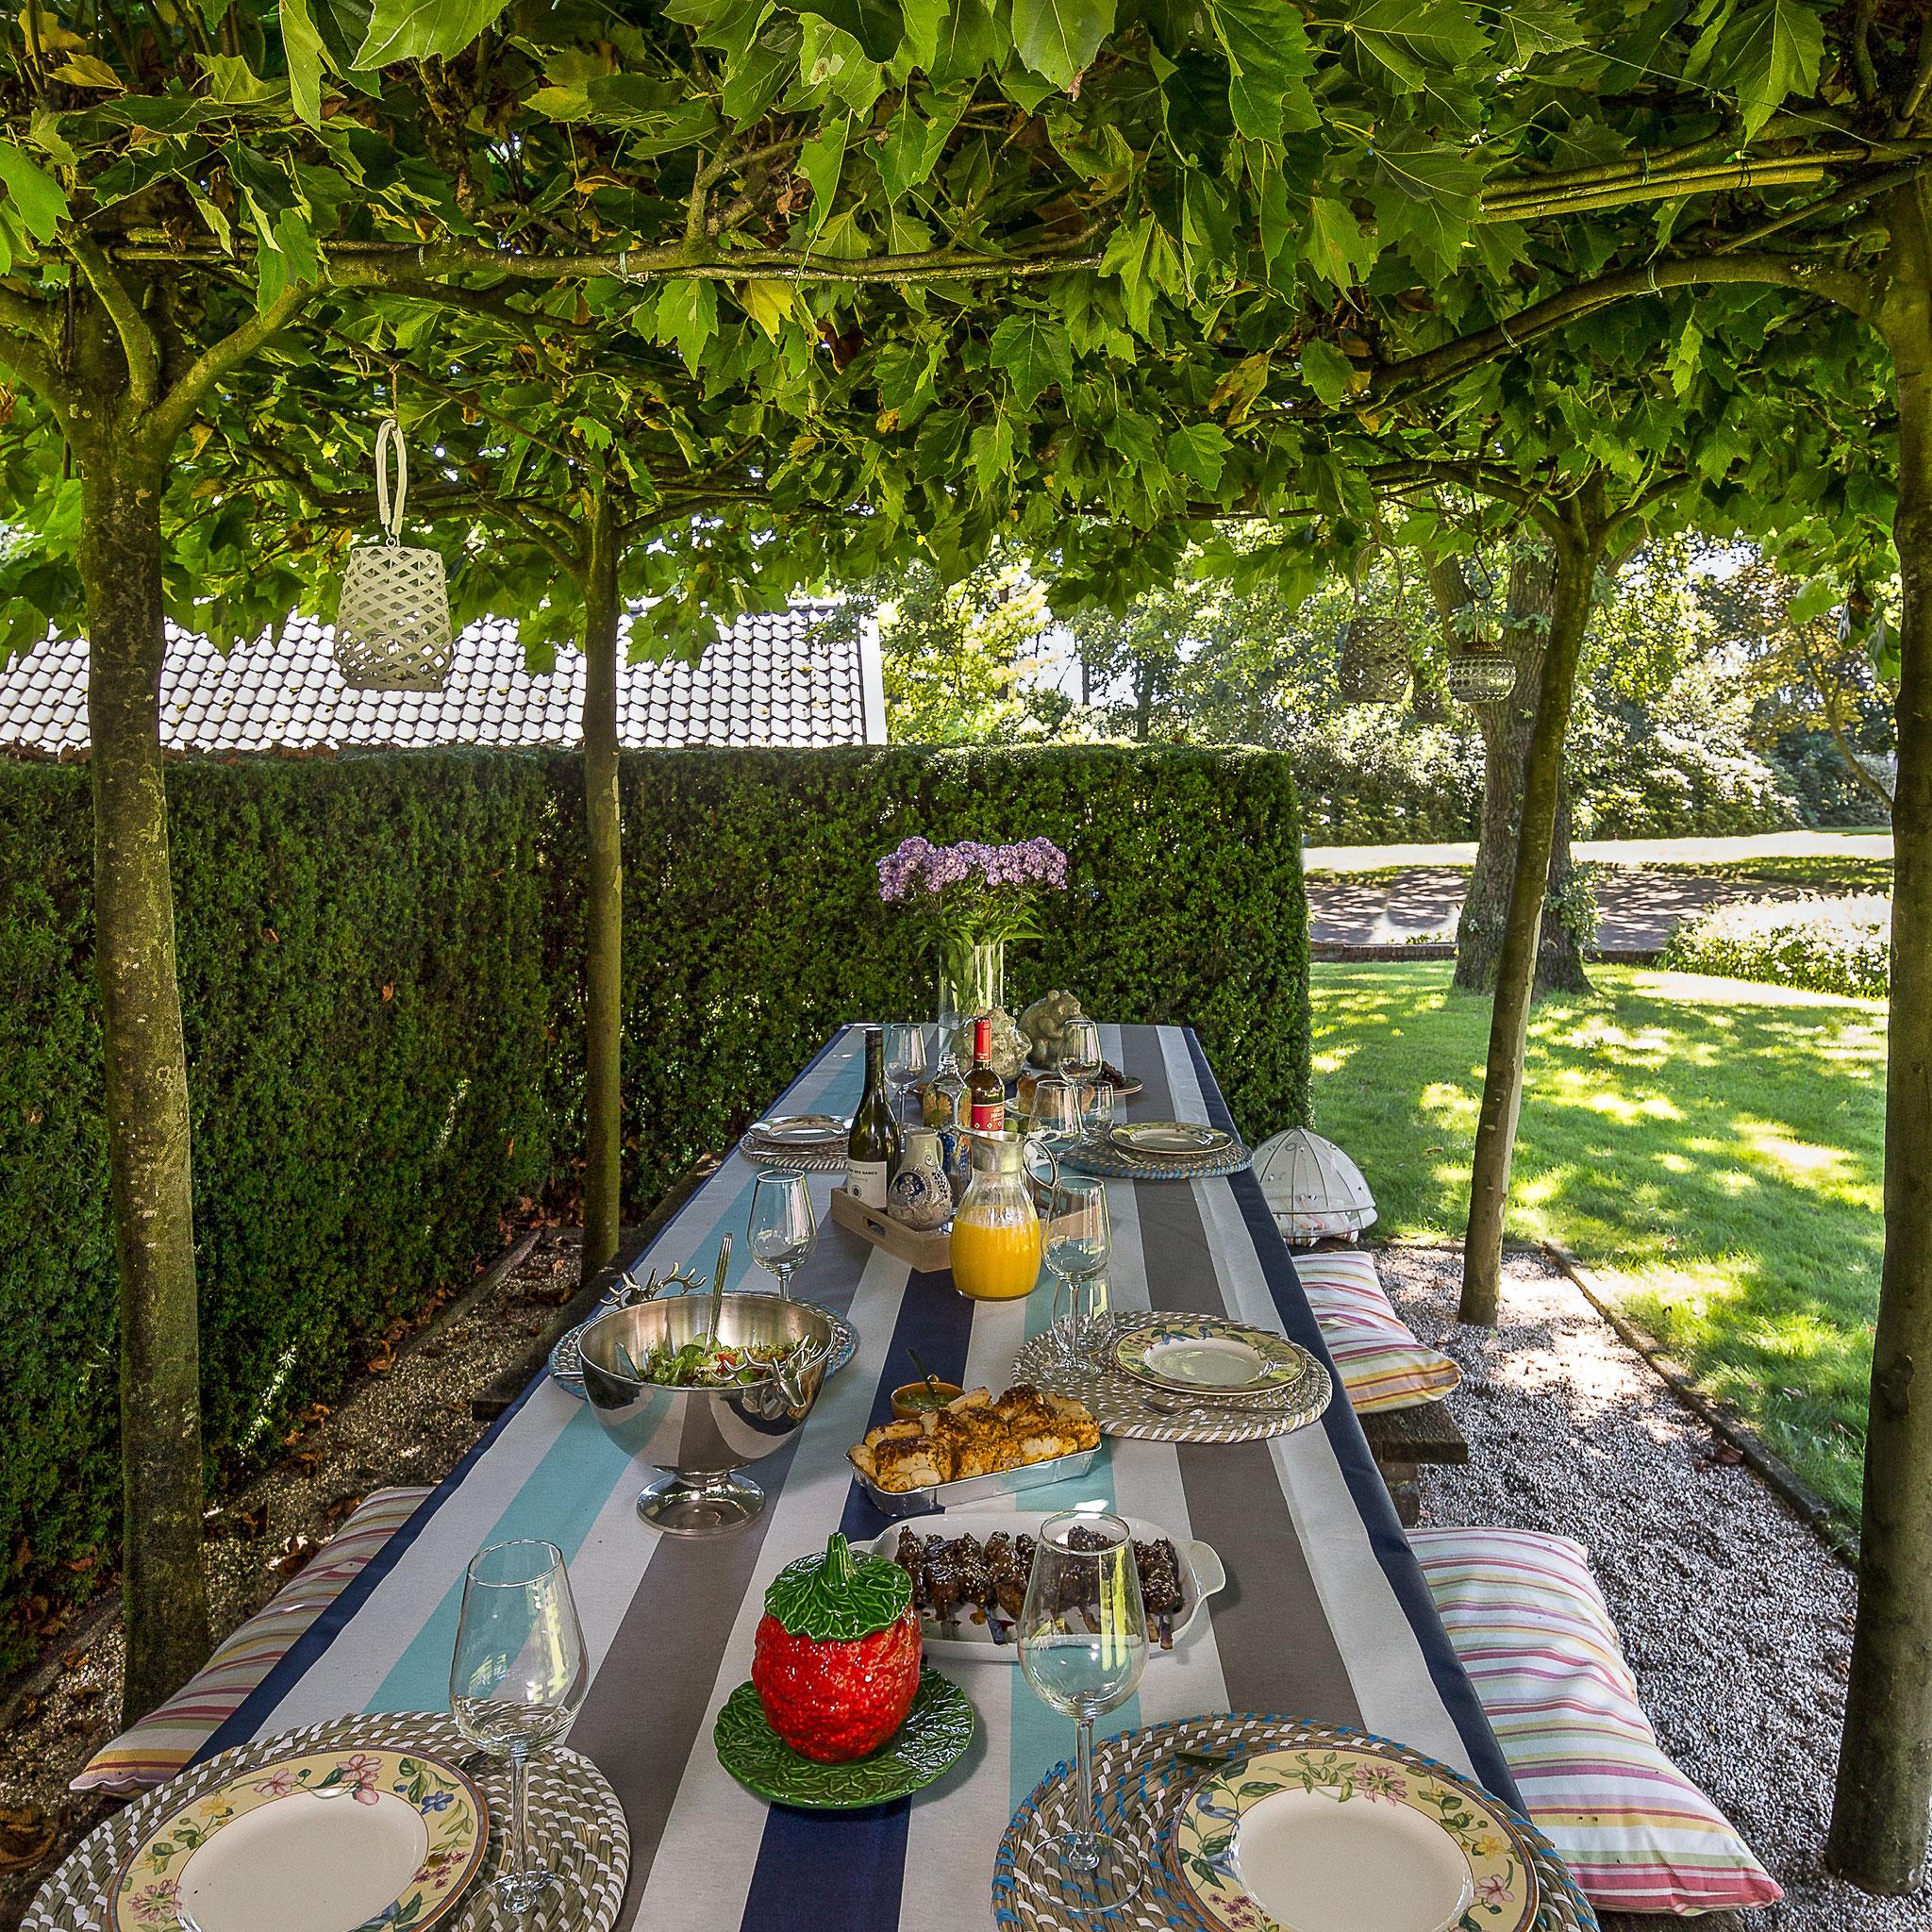 Genieten onder de platanen: ontbijt, lunch, diner, barbecue... u mag zelf kiezen